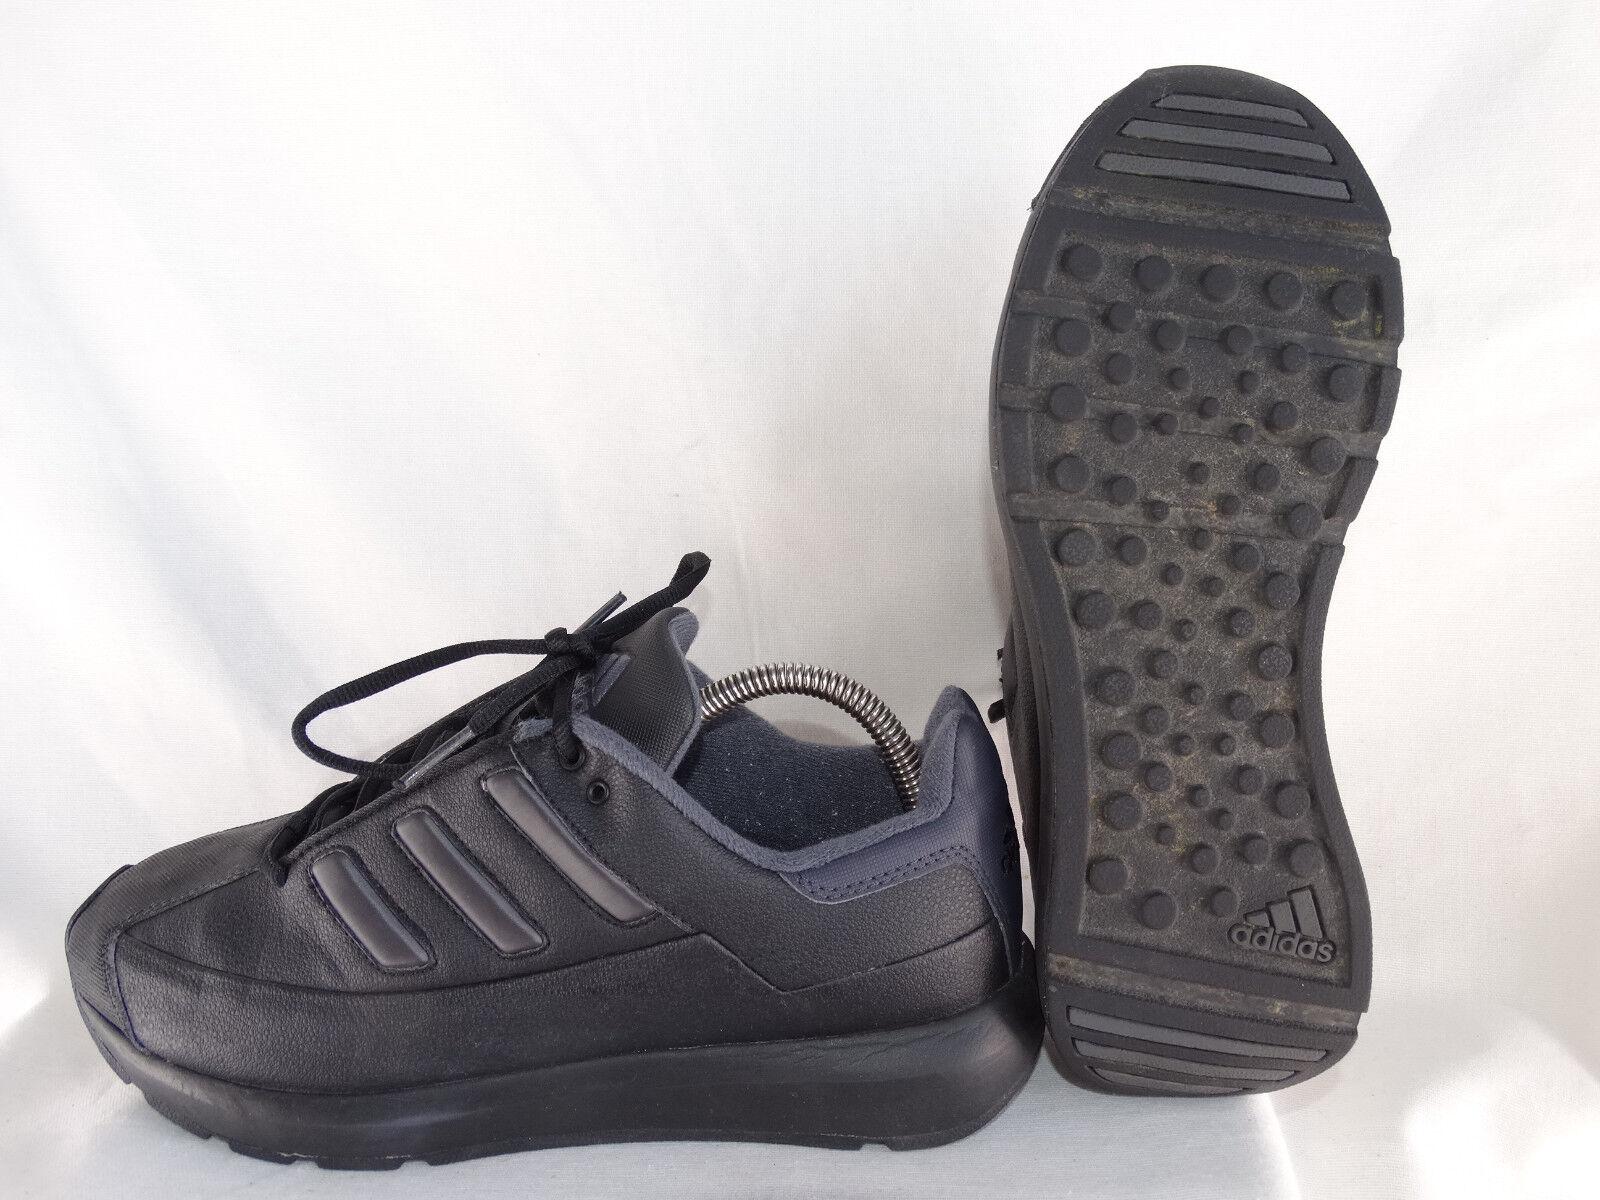 Adidas Walking Saunter Damen Walkingschuhe 672201 schwarz-grau EU 41 1 3 UK 7,5